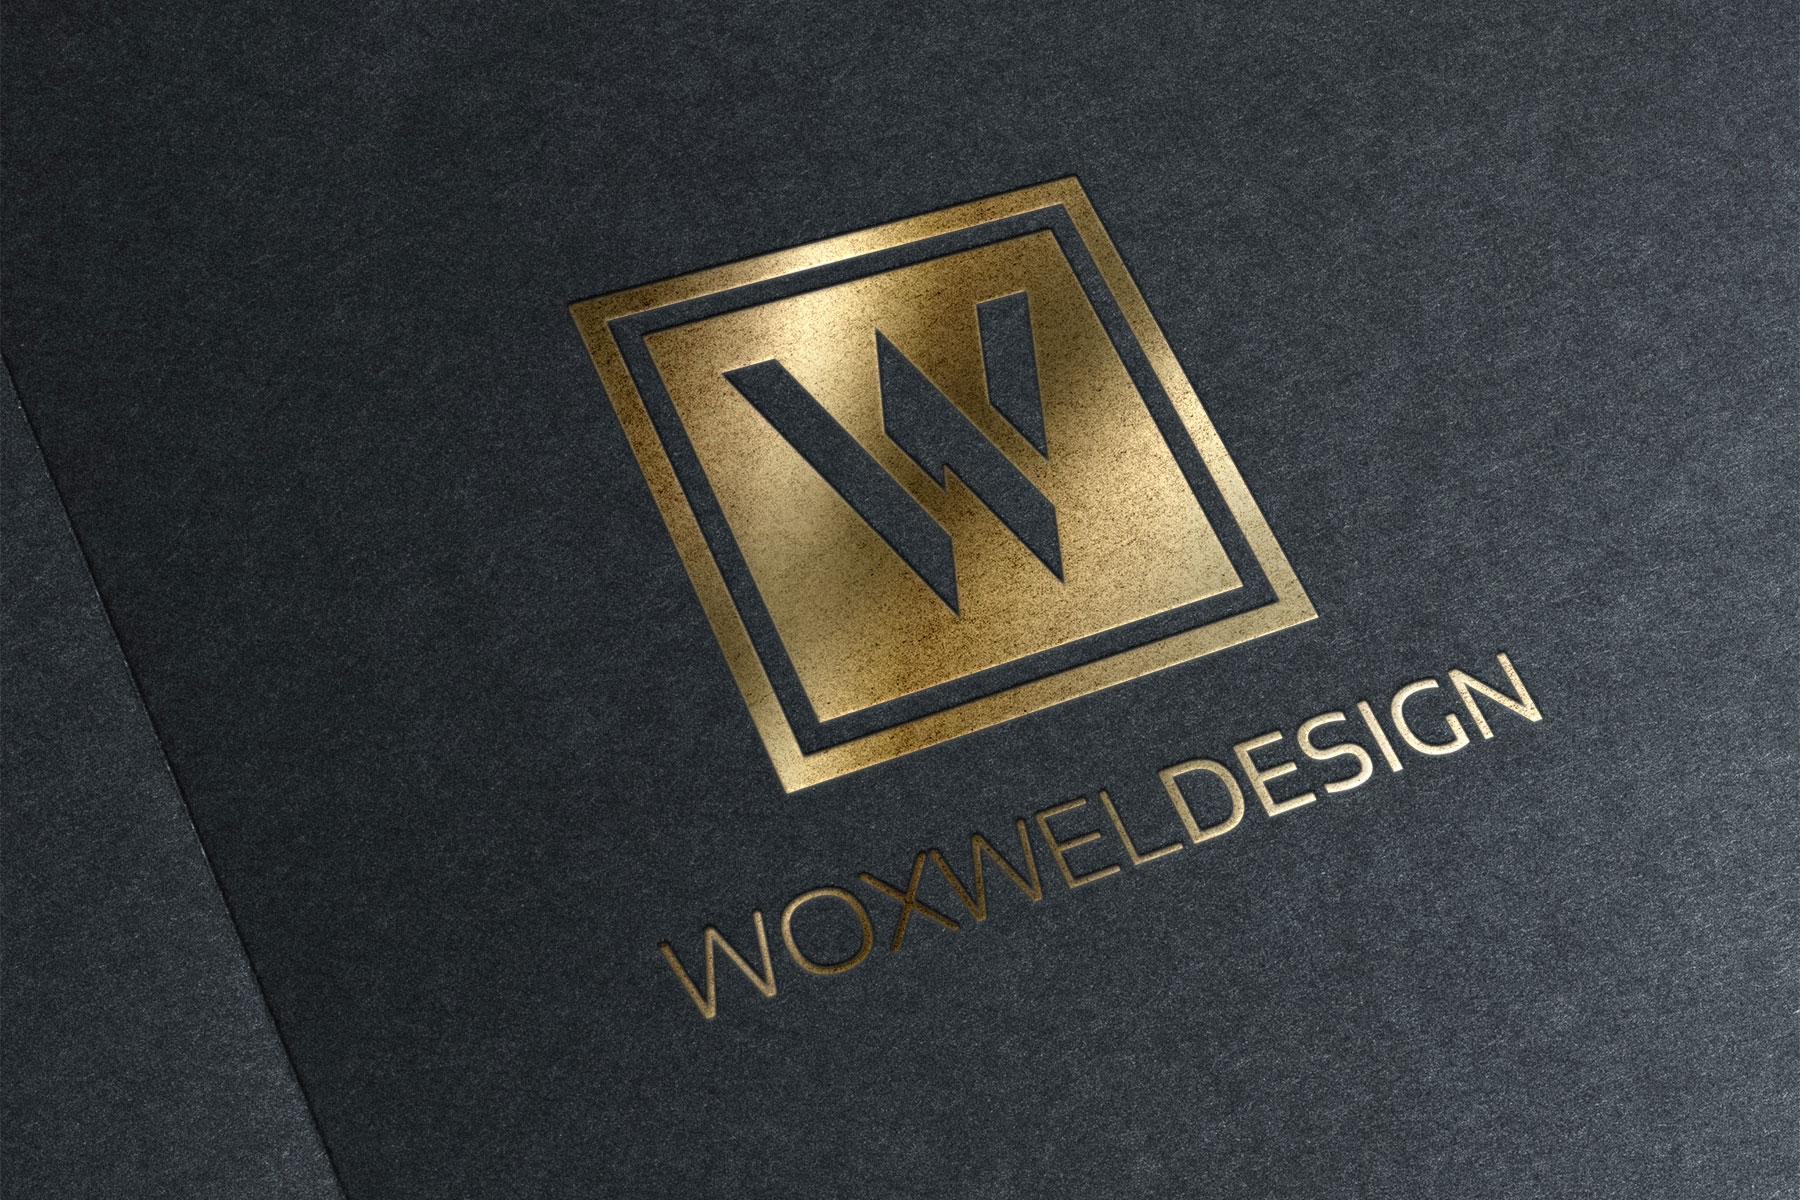 Логотип Woxwel Design - золотое тиснение